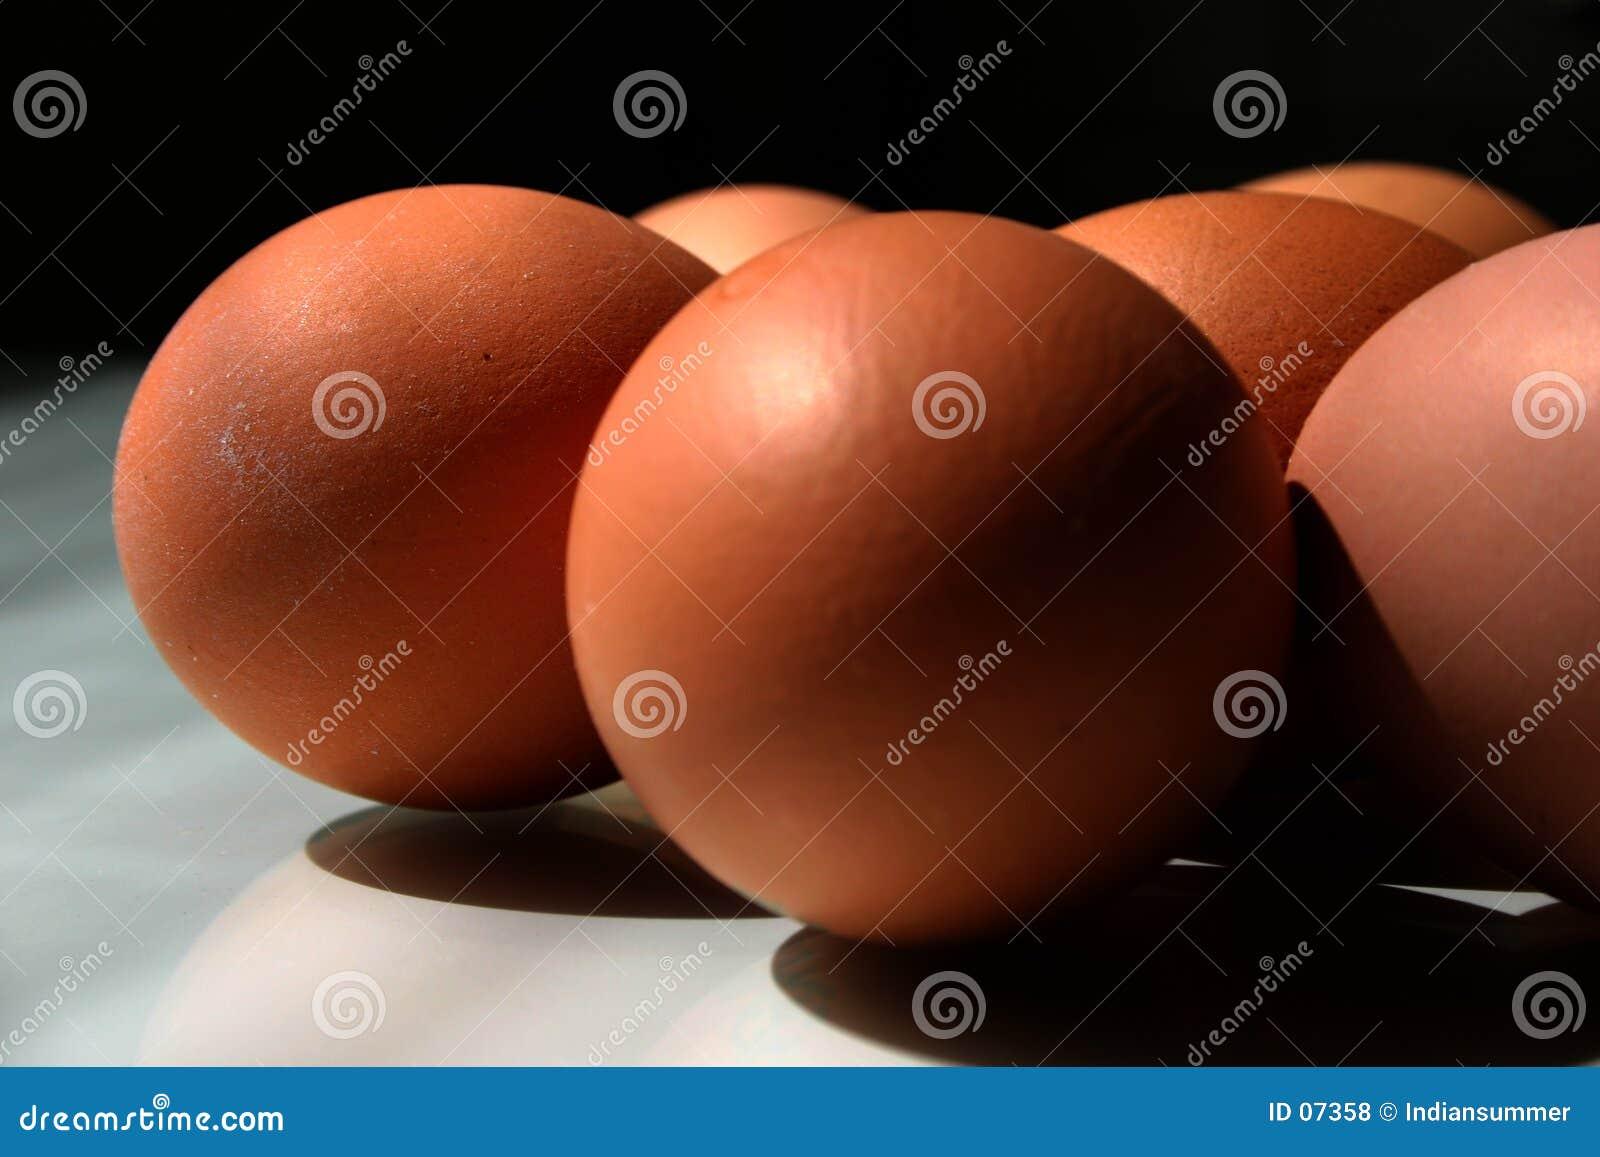 Eggs II